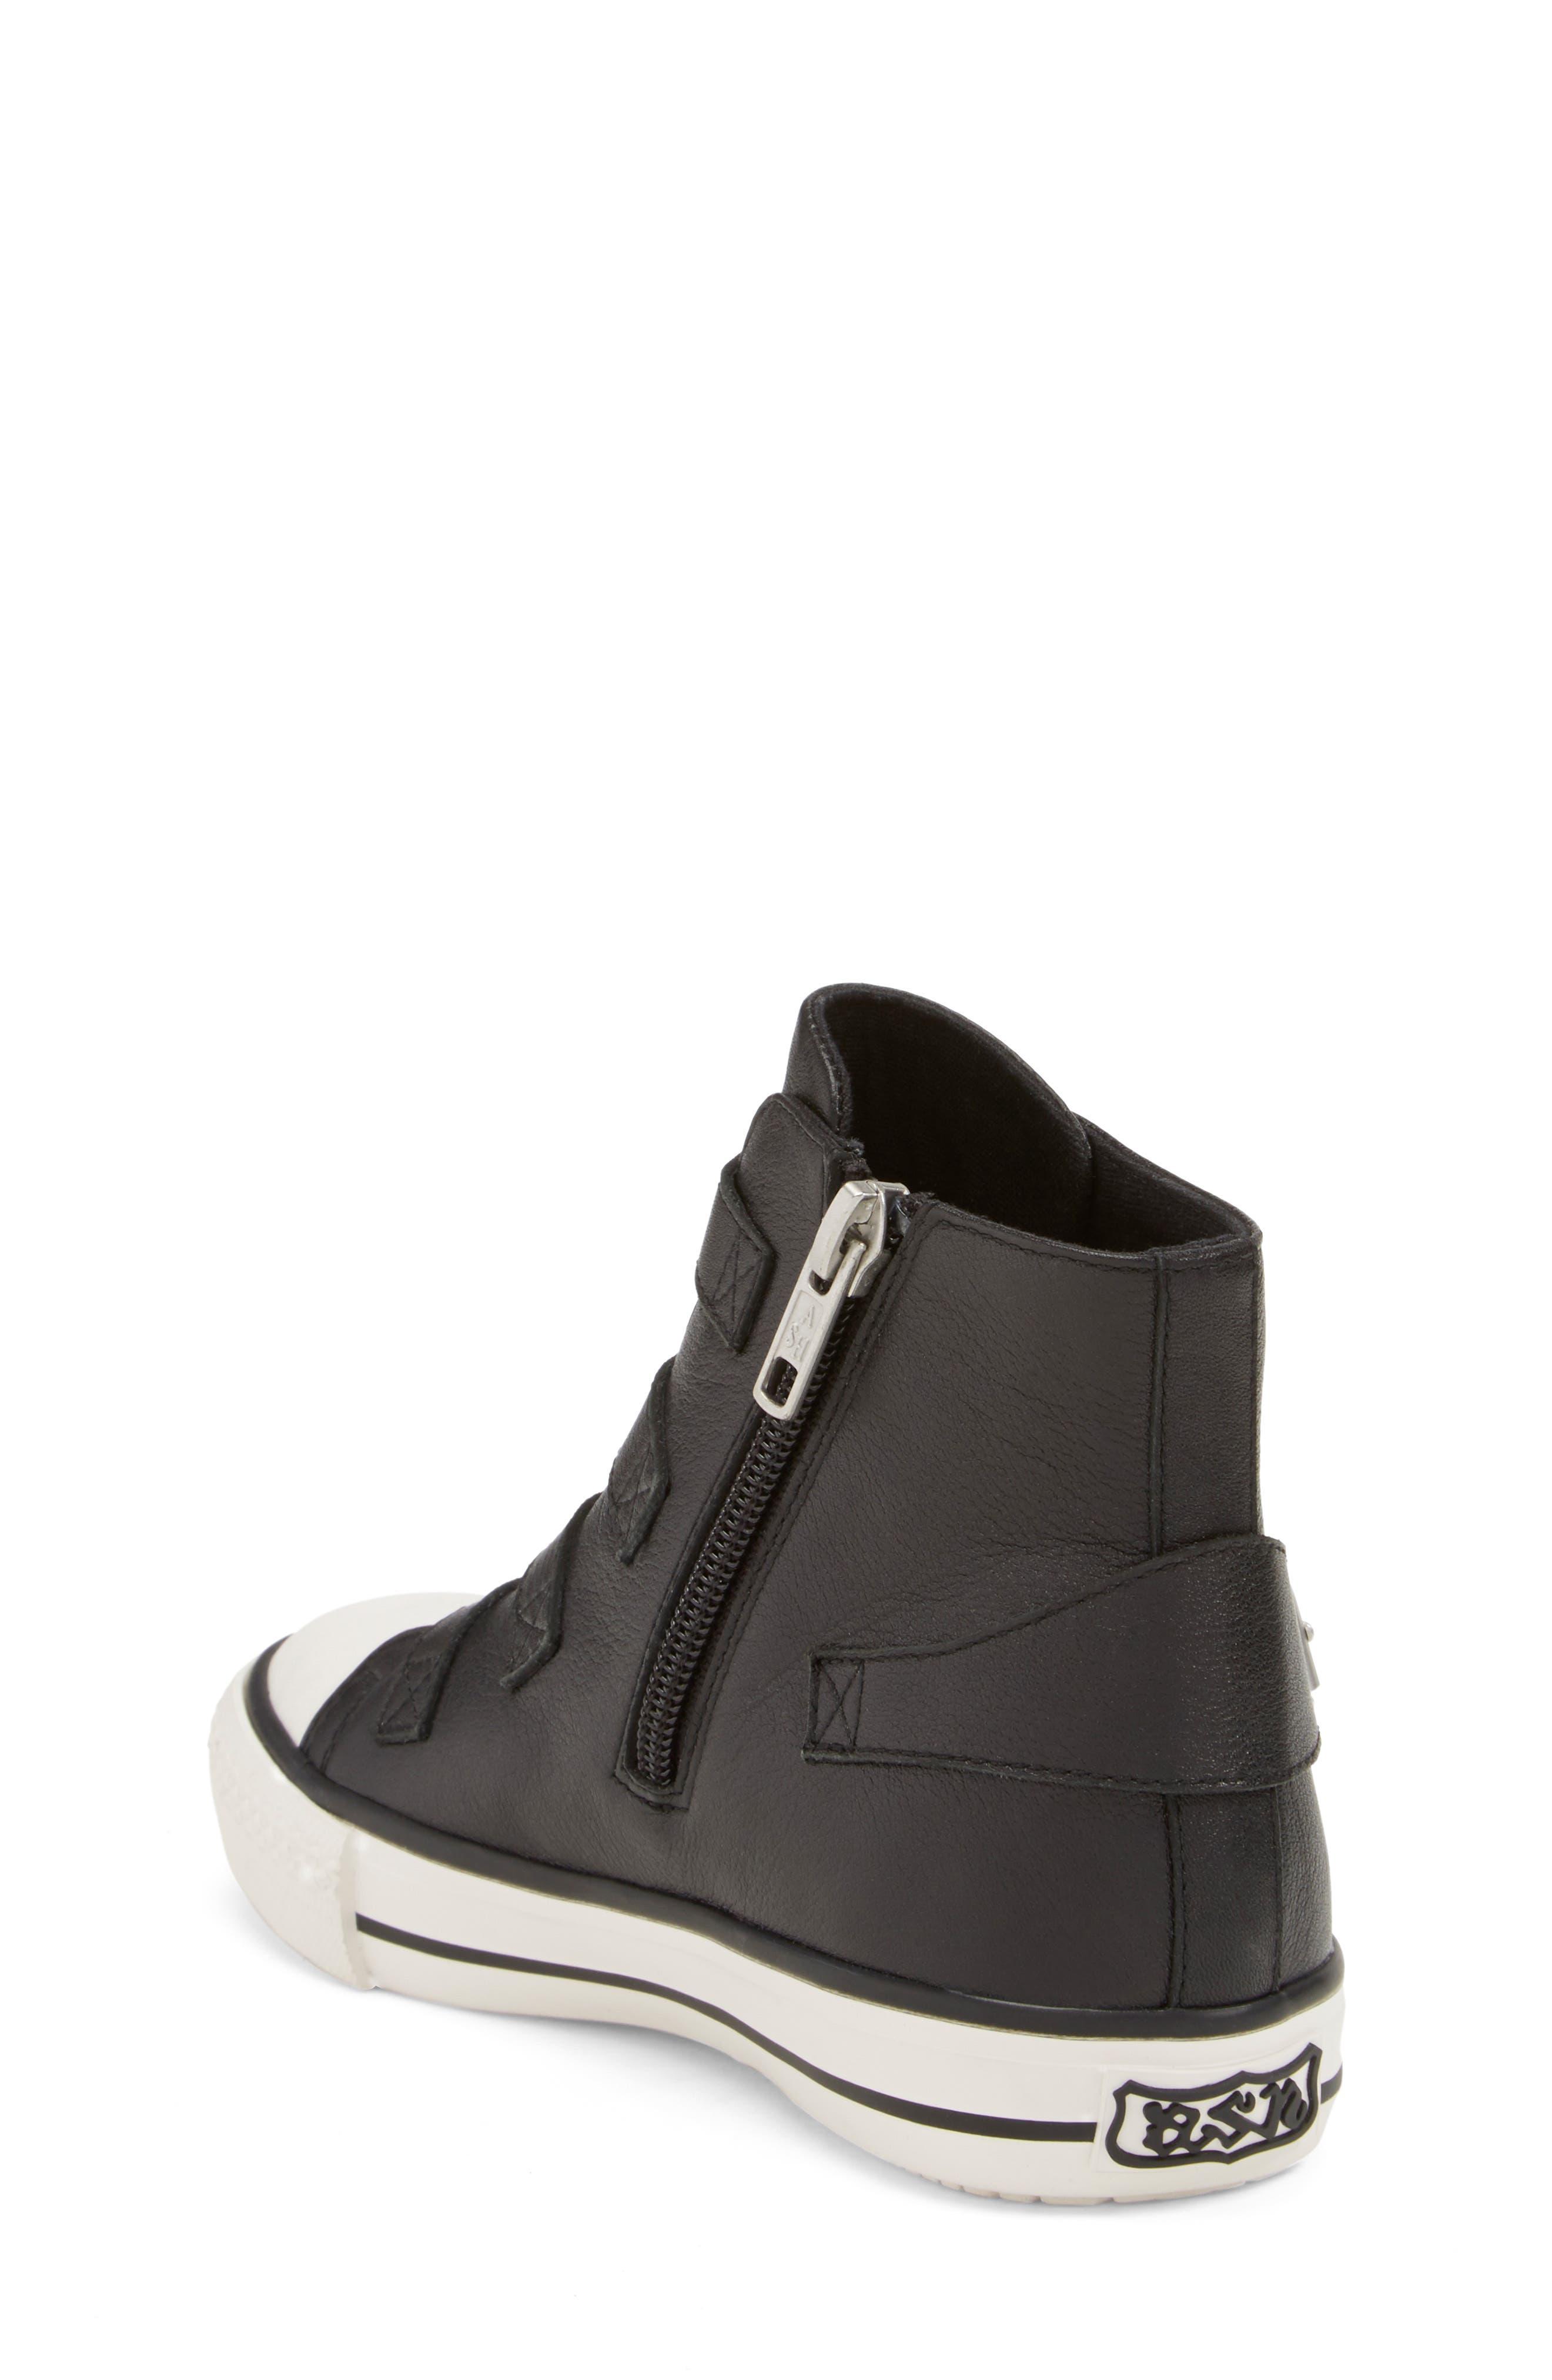 'Vava' Sneaker,                             Alternate thumbnail 5, color,                             001